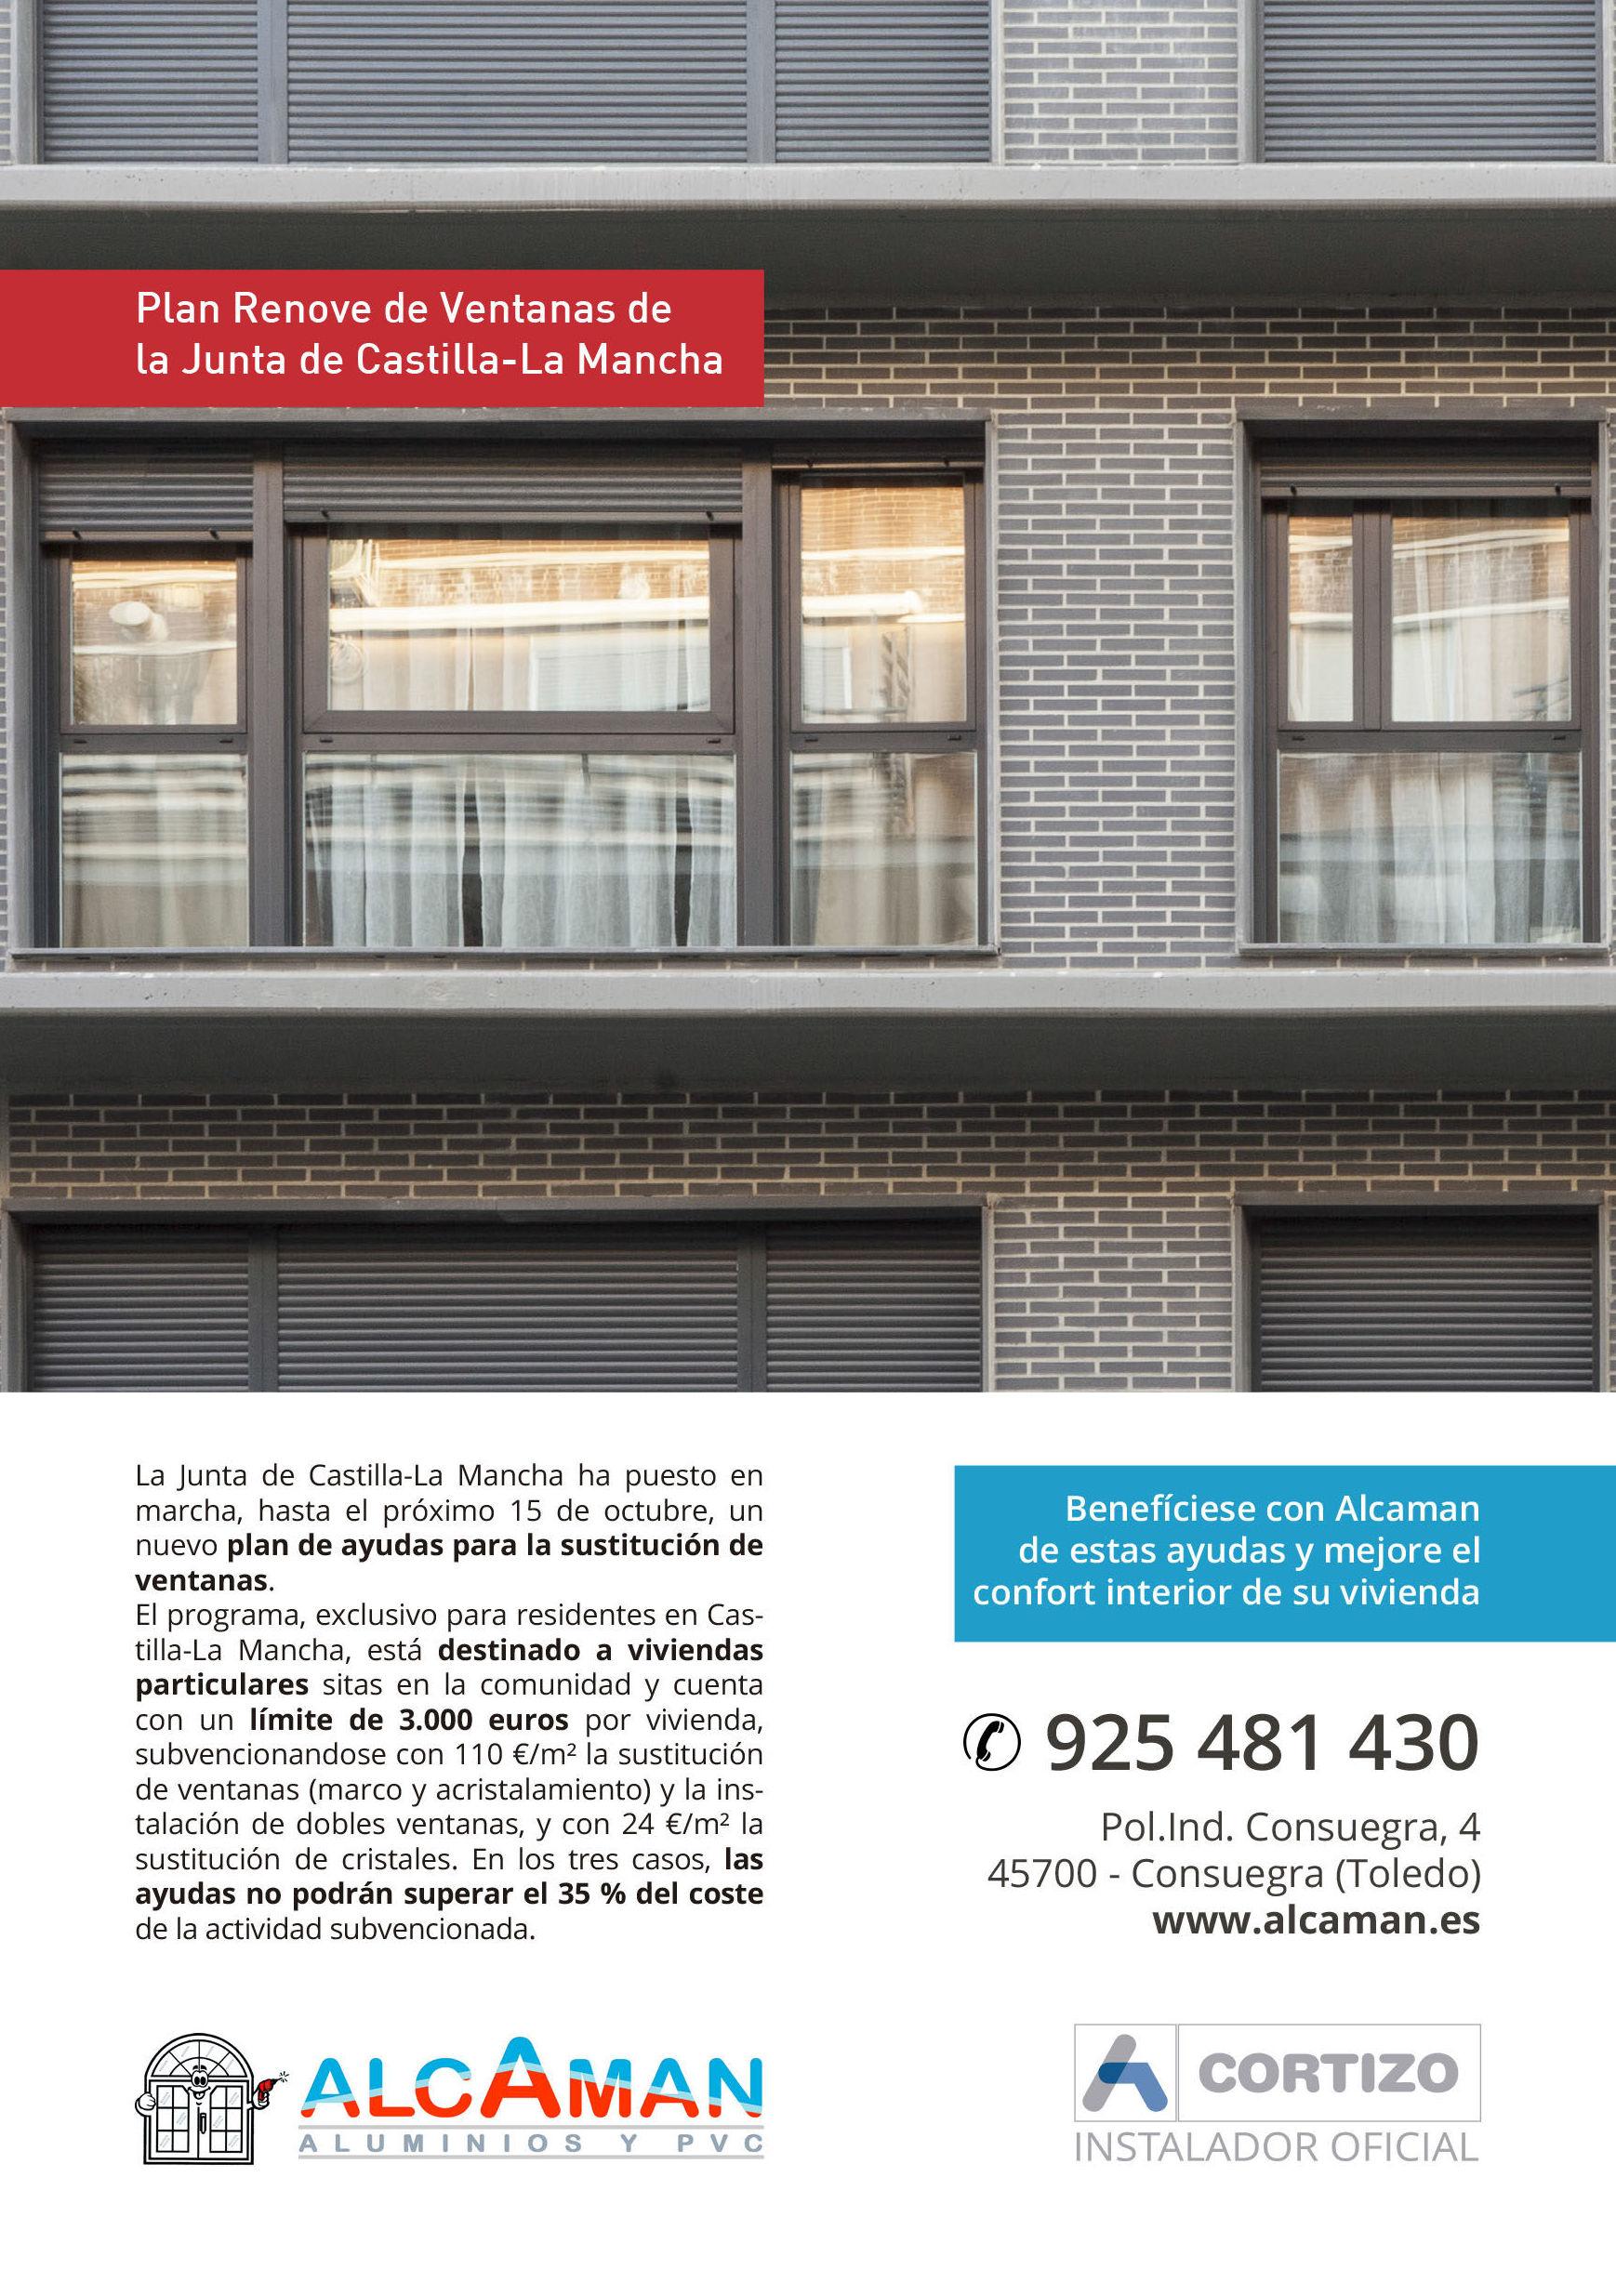 Plan Renove de Ventanas en Castilla la Mancha